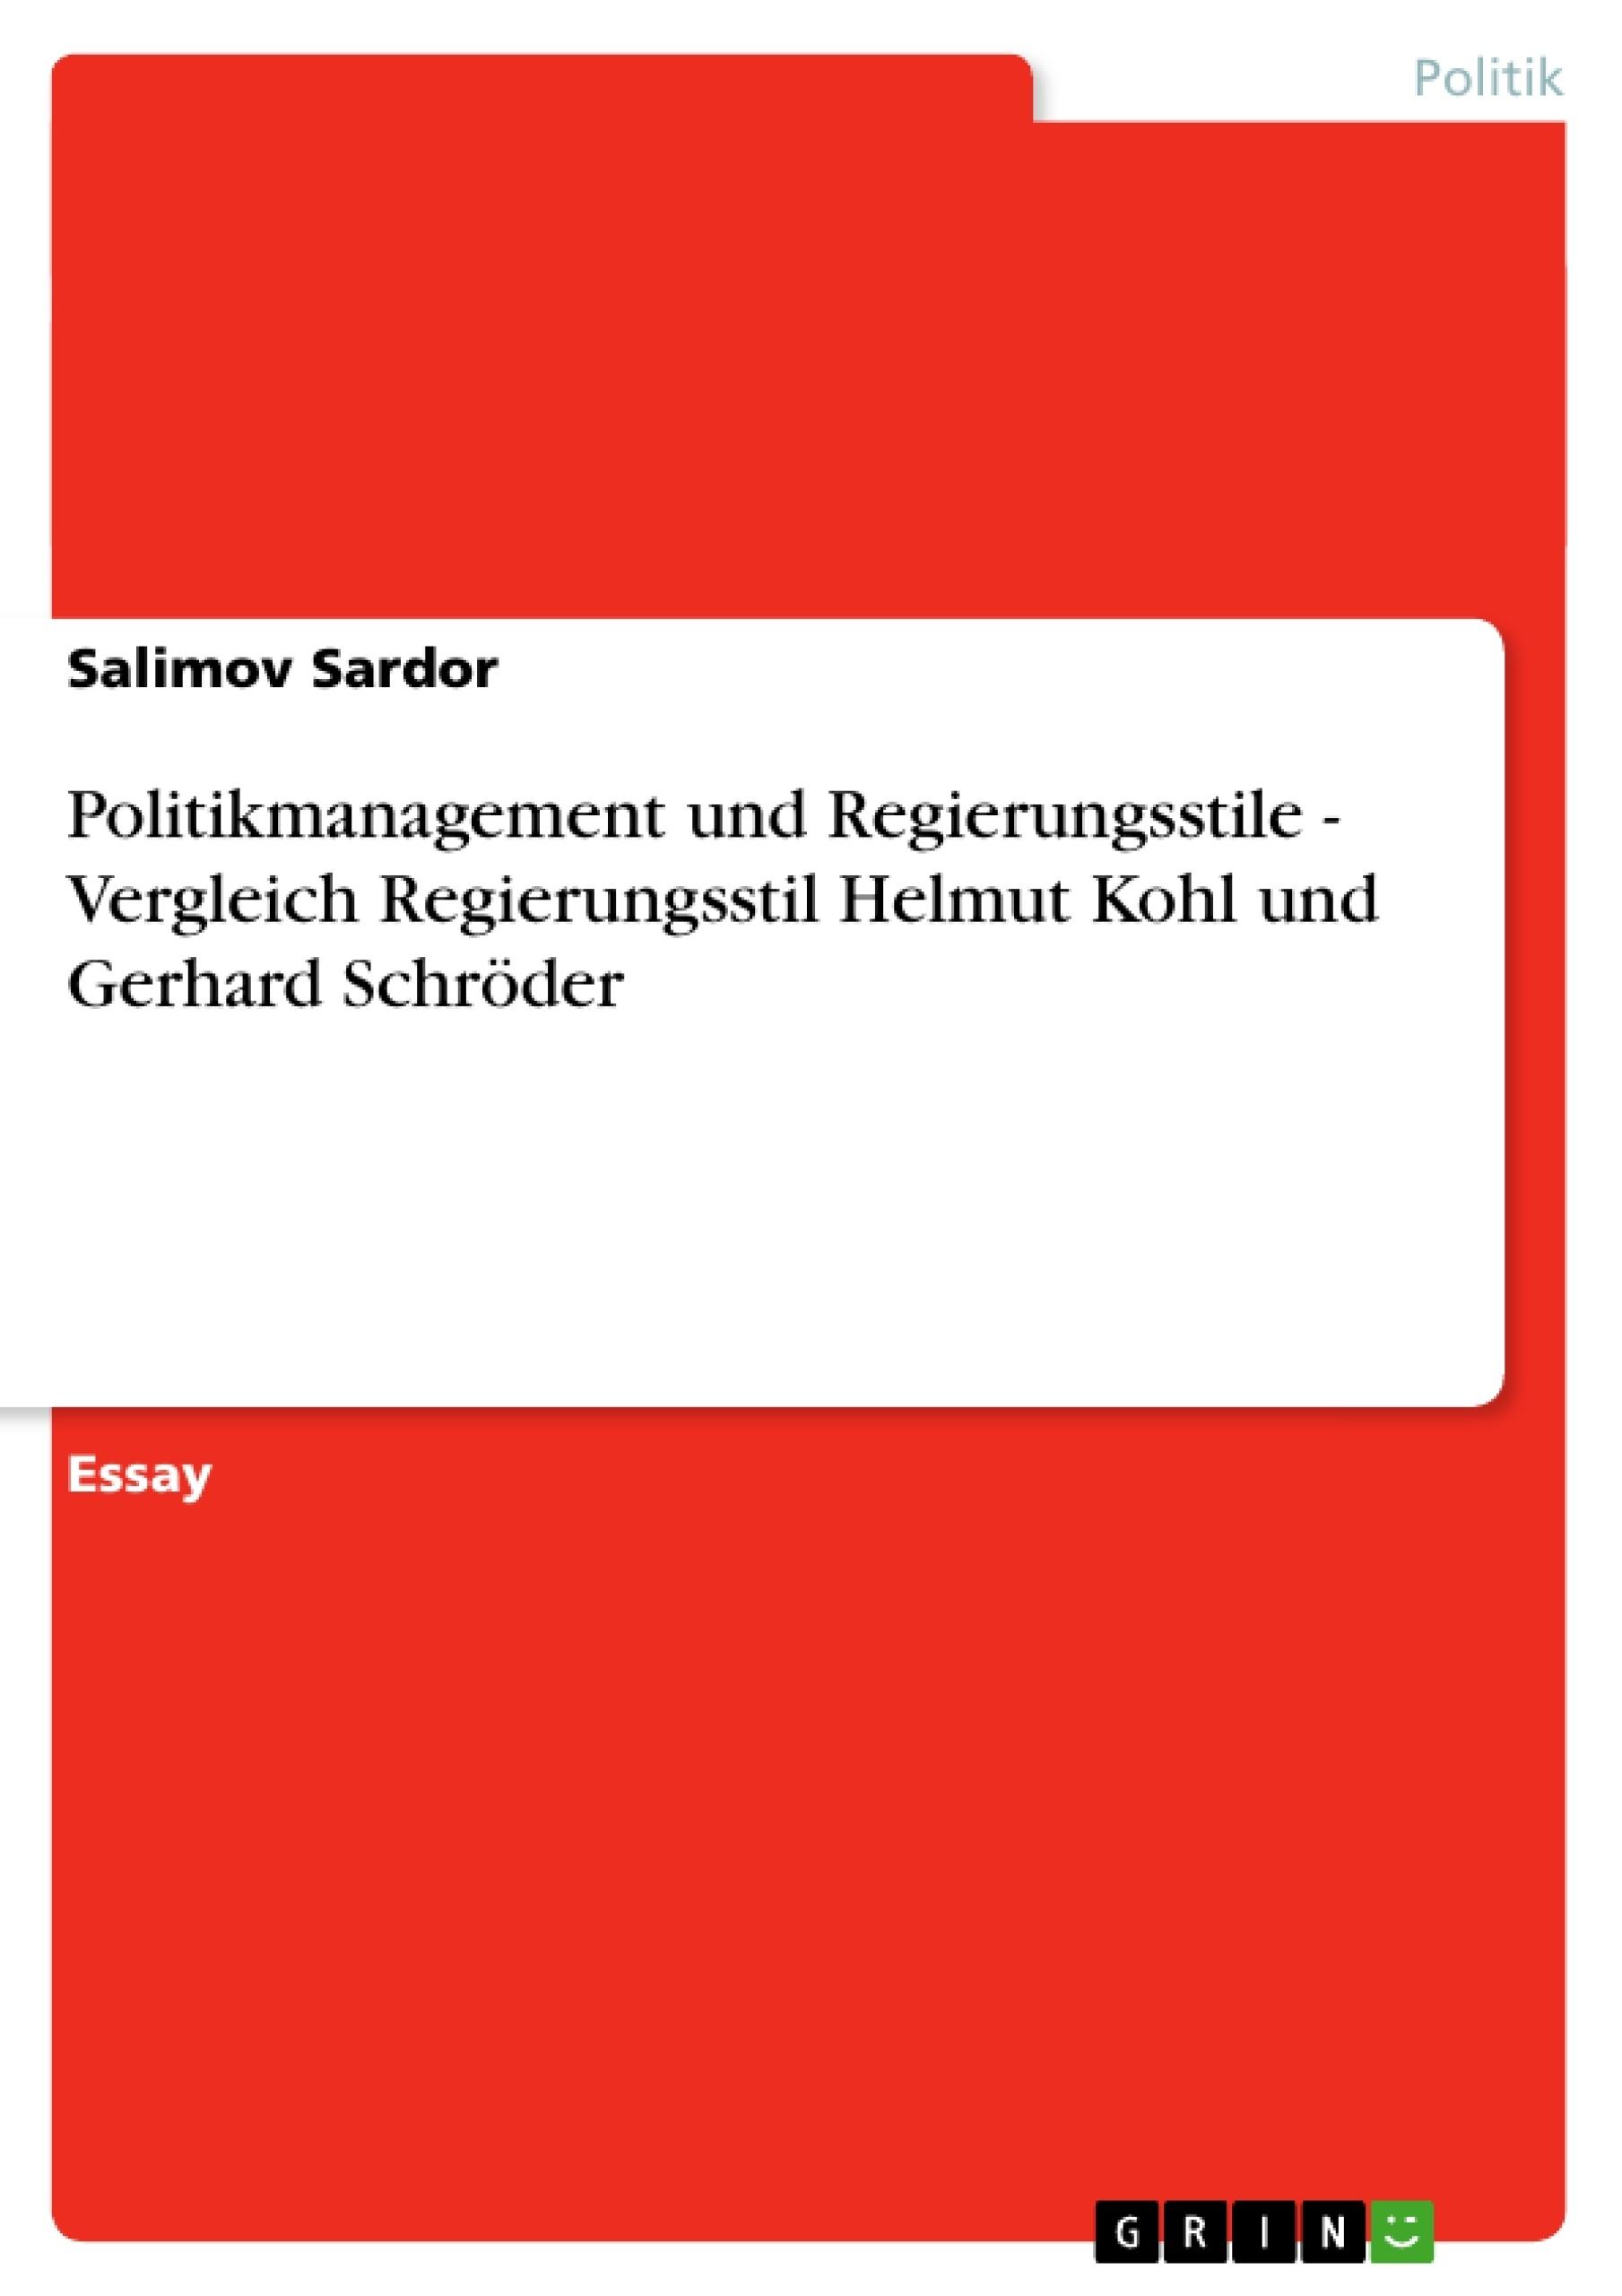 Titel: Politikmanagement und Regierungsstile  -   Vergleich Regierungsstil Helmut Kohl und Gerhard Schröder